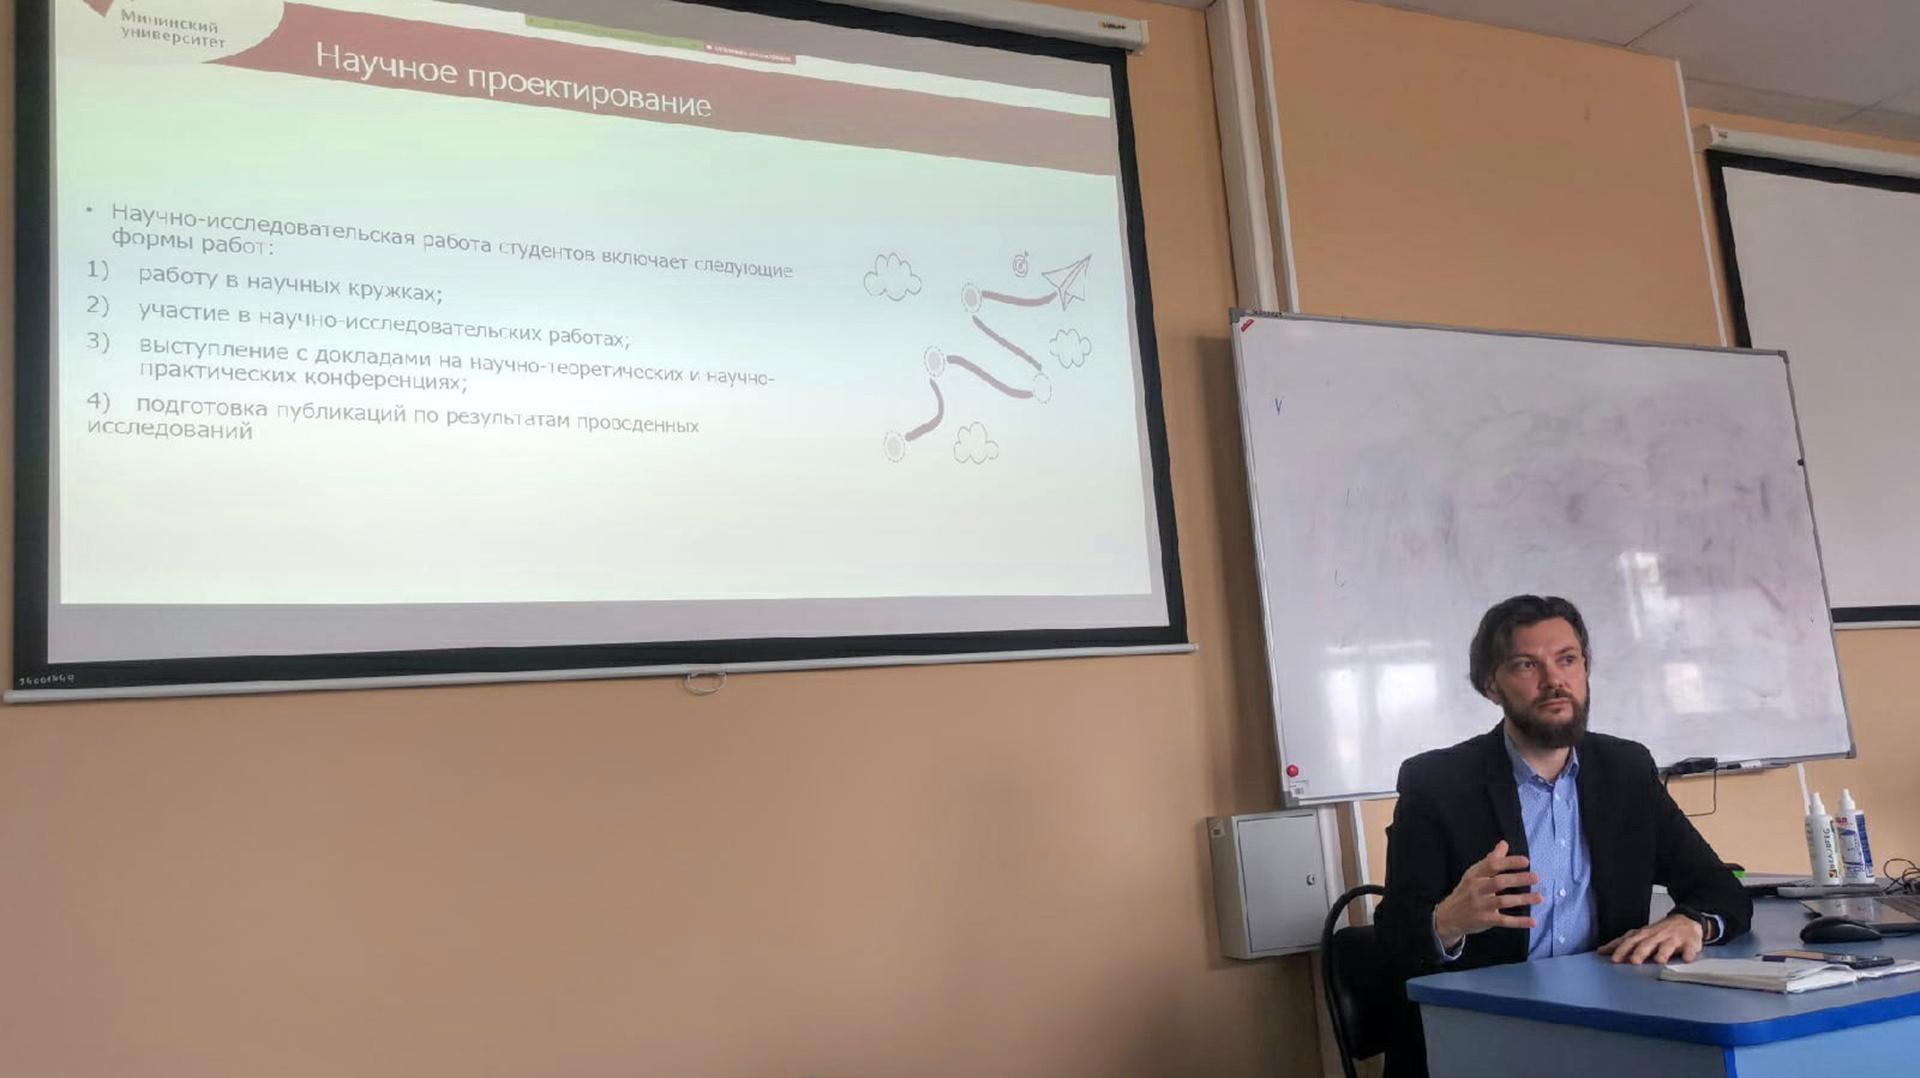 Научное и социальное проектирование на первых курсах вуза